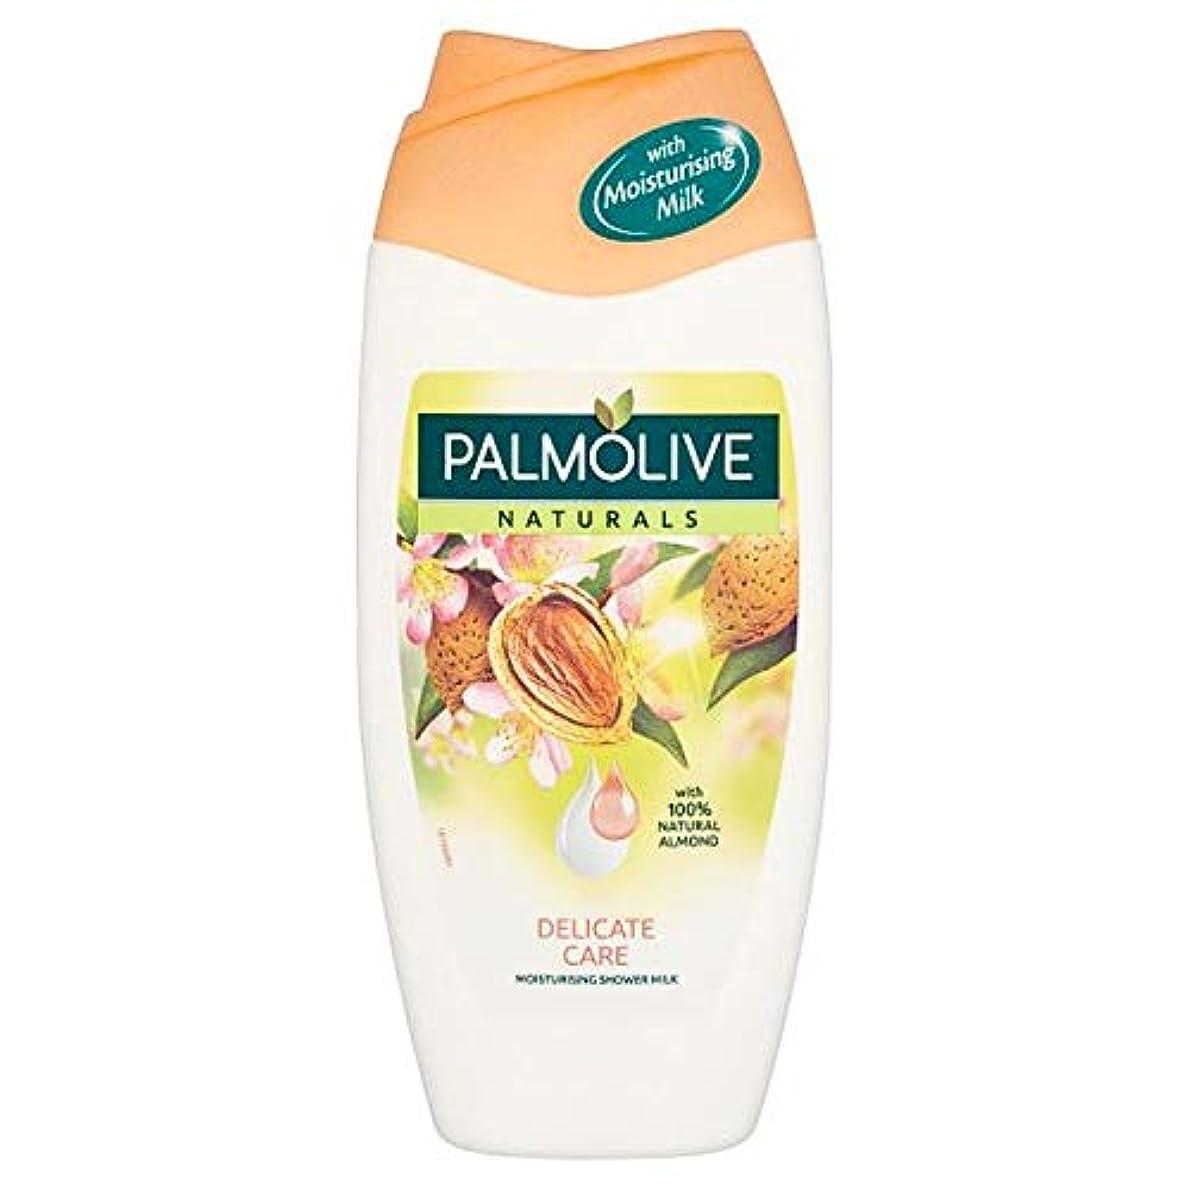 蒸し器ウォーターフロント魅力的[Palmolive] Palmolive社ナチュラルズは、シャワージェル250ミリリットルアーモンド - Palmolive Naturals Almond Shower Gel 250Ml [並行輸入品]